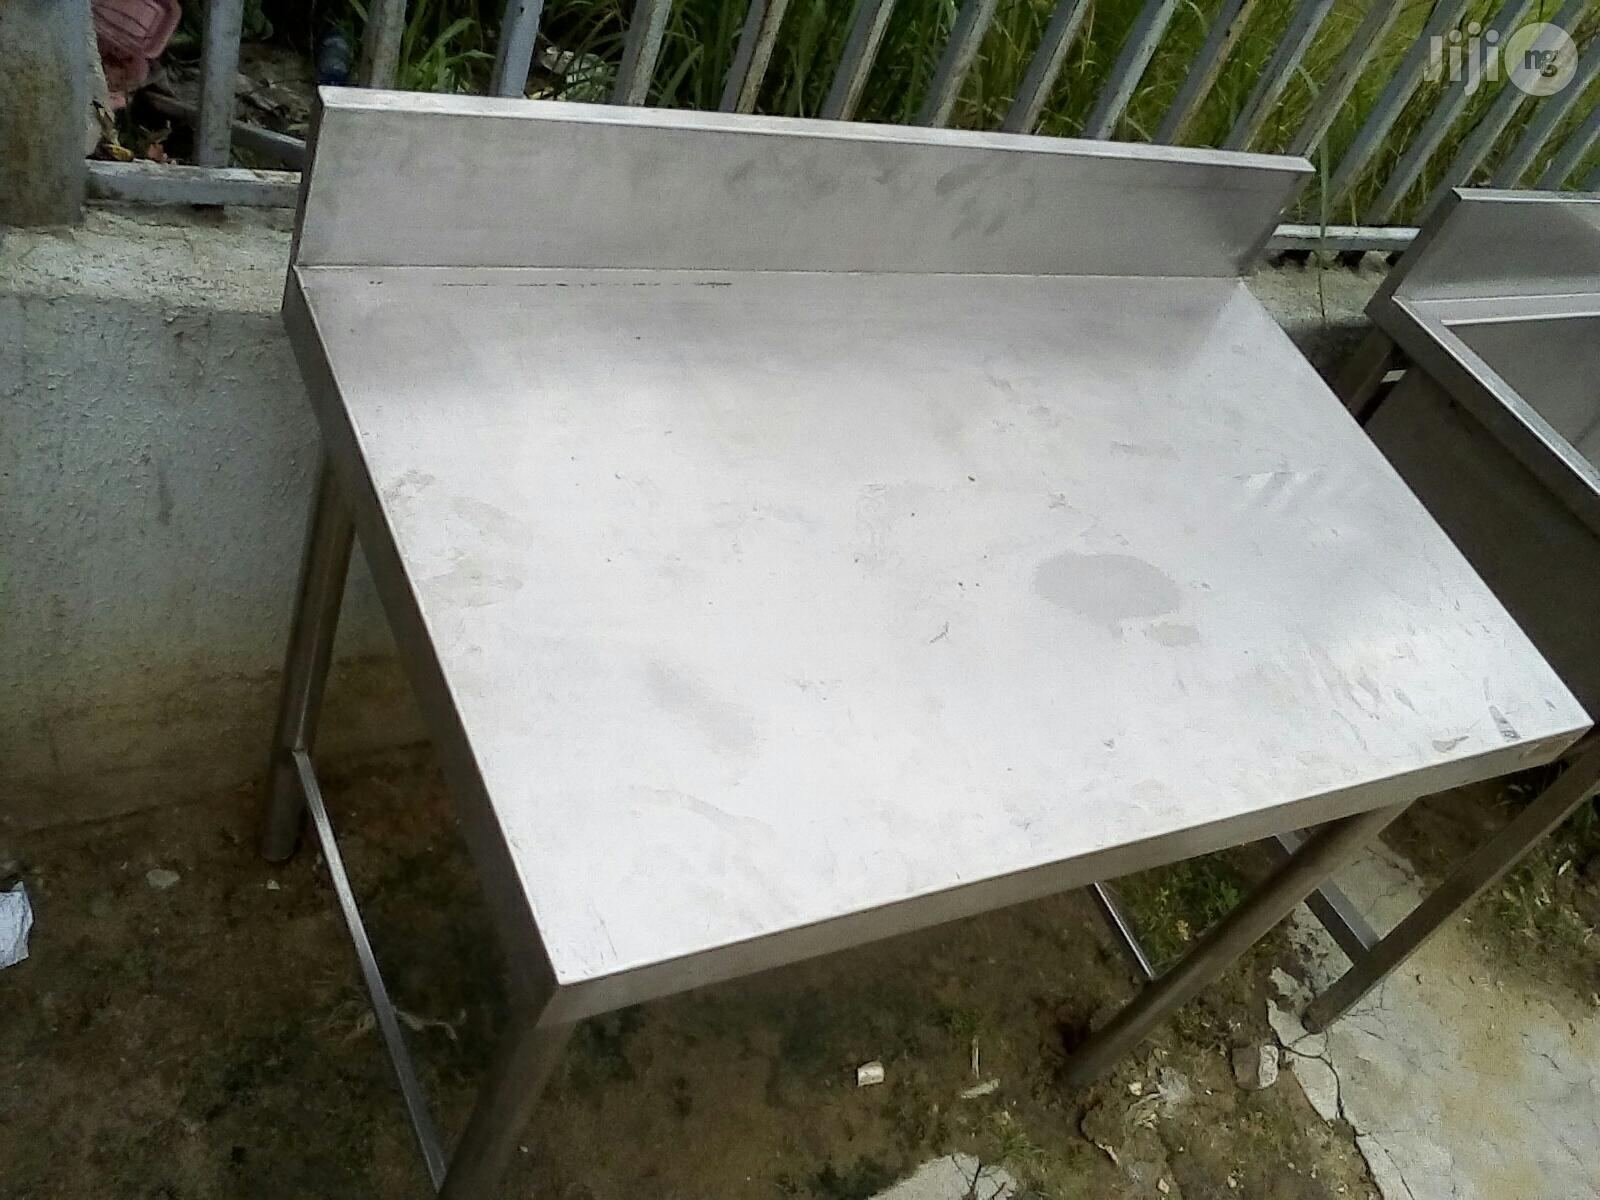 Work Table Used (3 Feet)